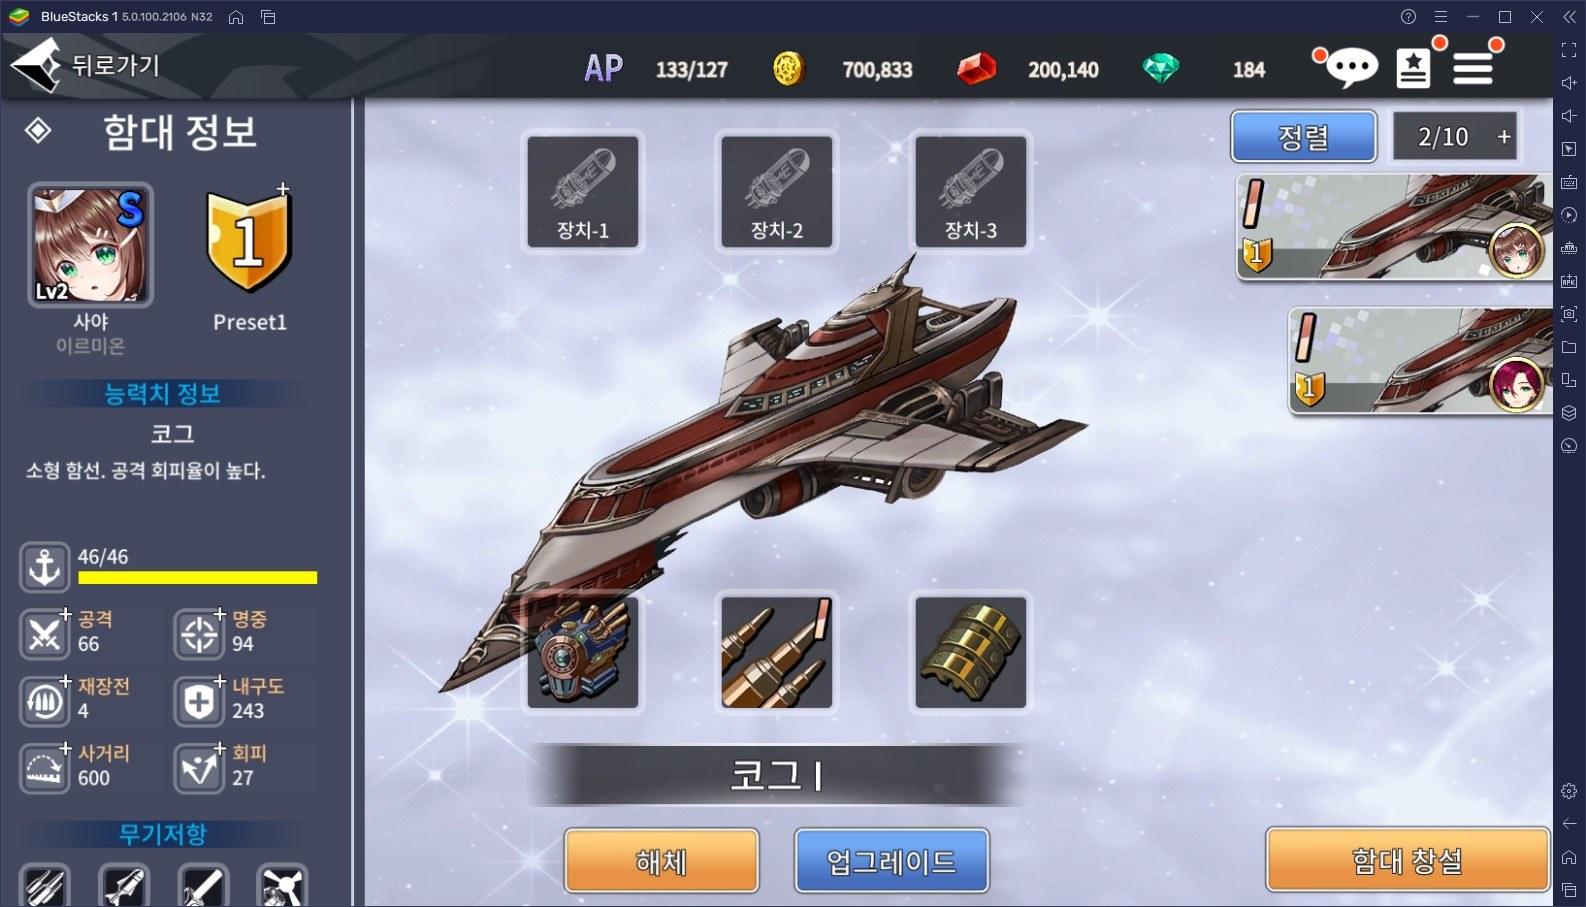 아크앤젤 : 불사신 탄생 드디어 정식 서비스 시작, 공중에서 펼쳐지는 함대 전투를 블루스택으로 빠르게 경험해봐요!